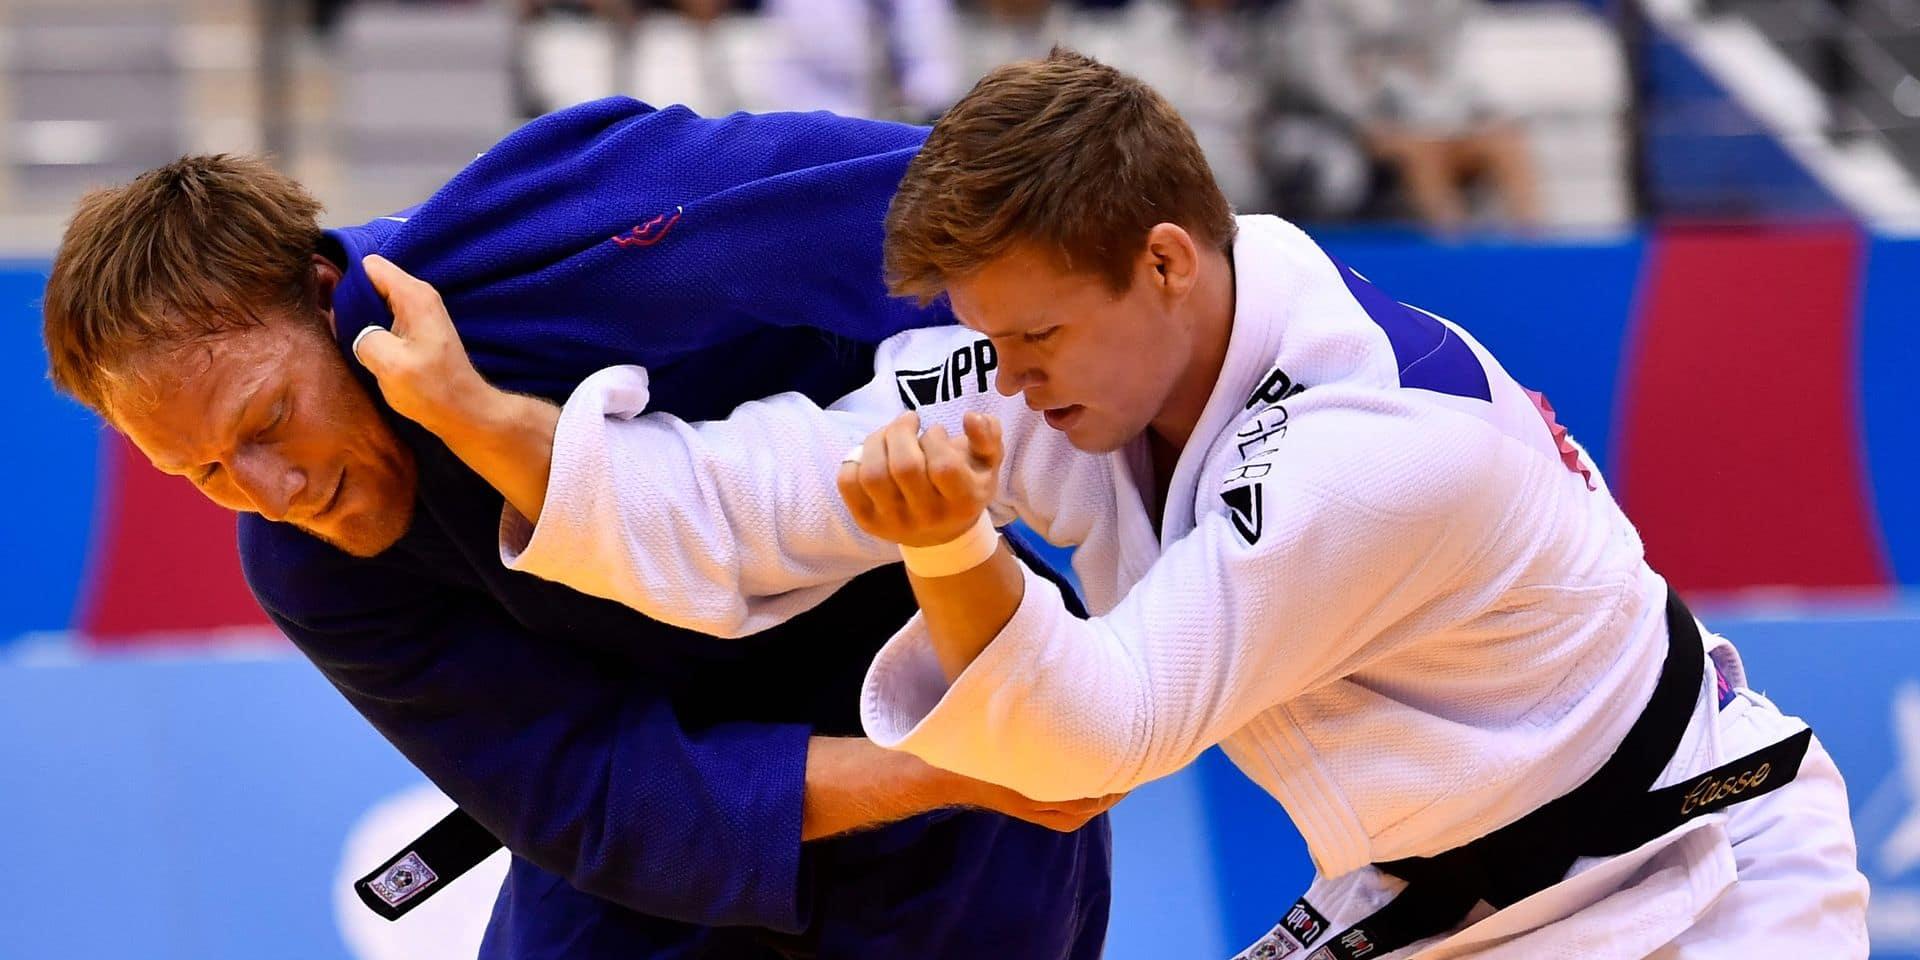 """Mark Van der Ham, l'entraîneur de Matthias Casse, dédramatise son revers à Doha : """"Pas une médaille à chaque fois !"""""""